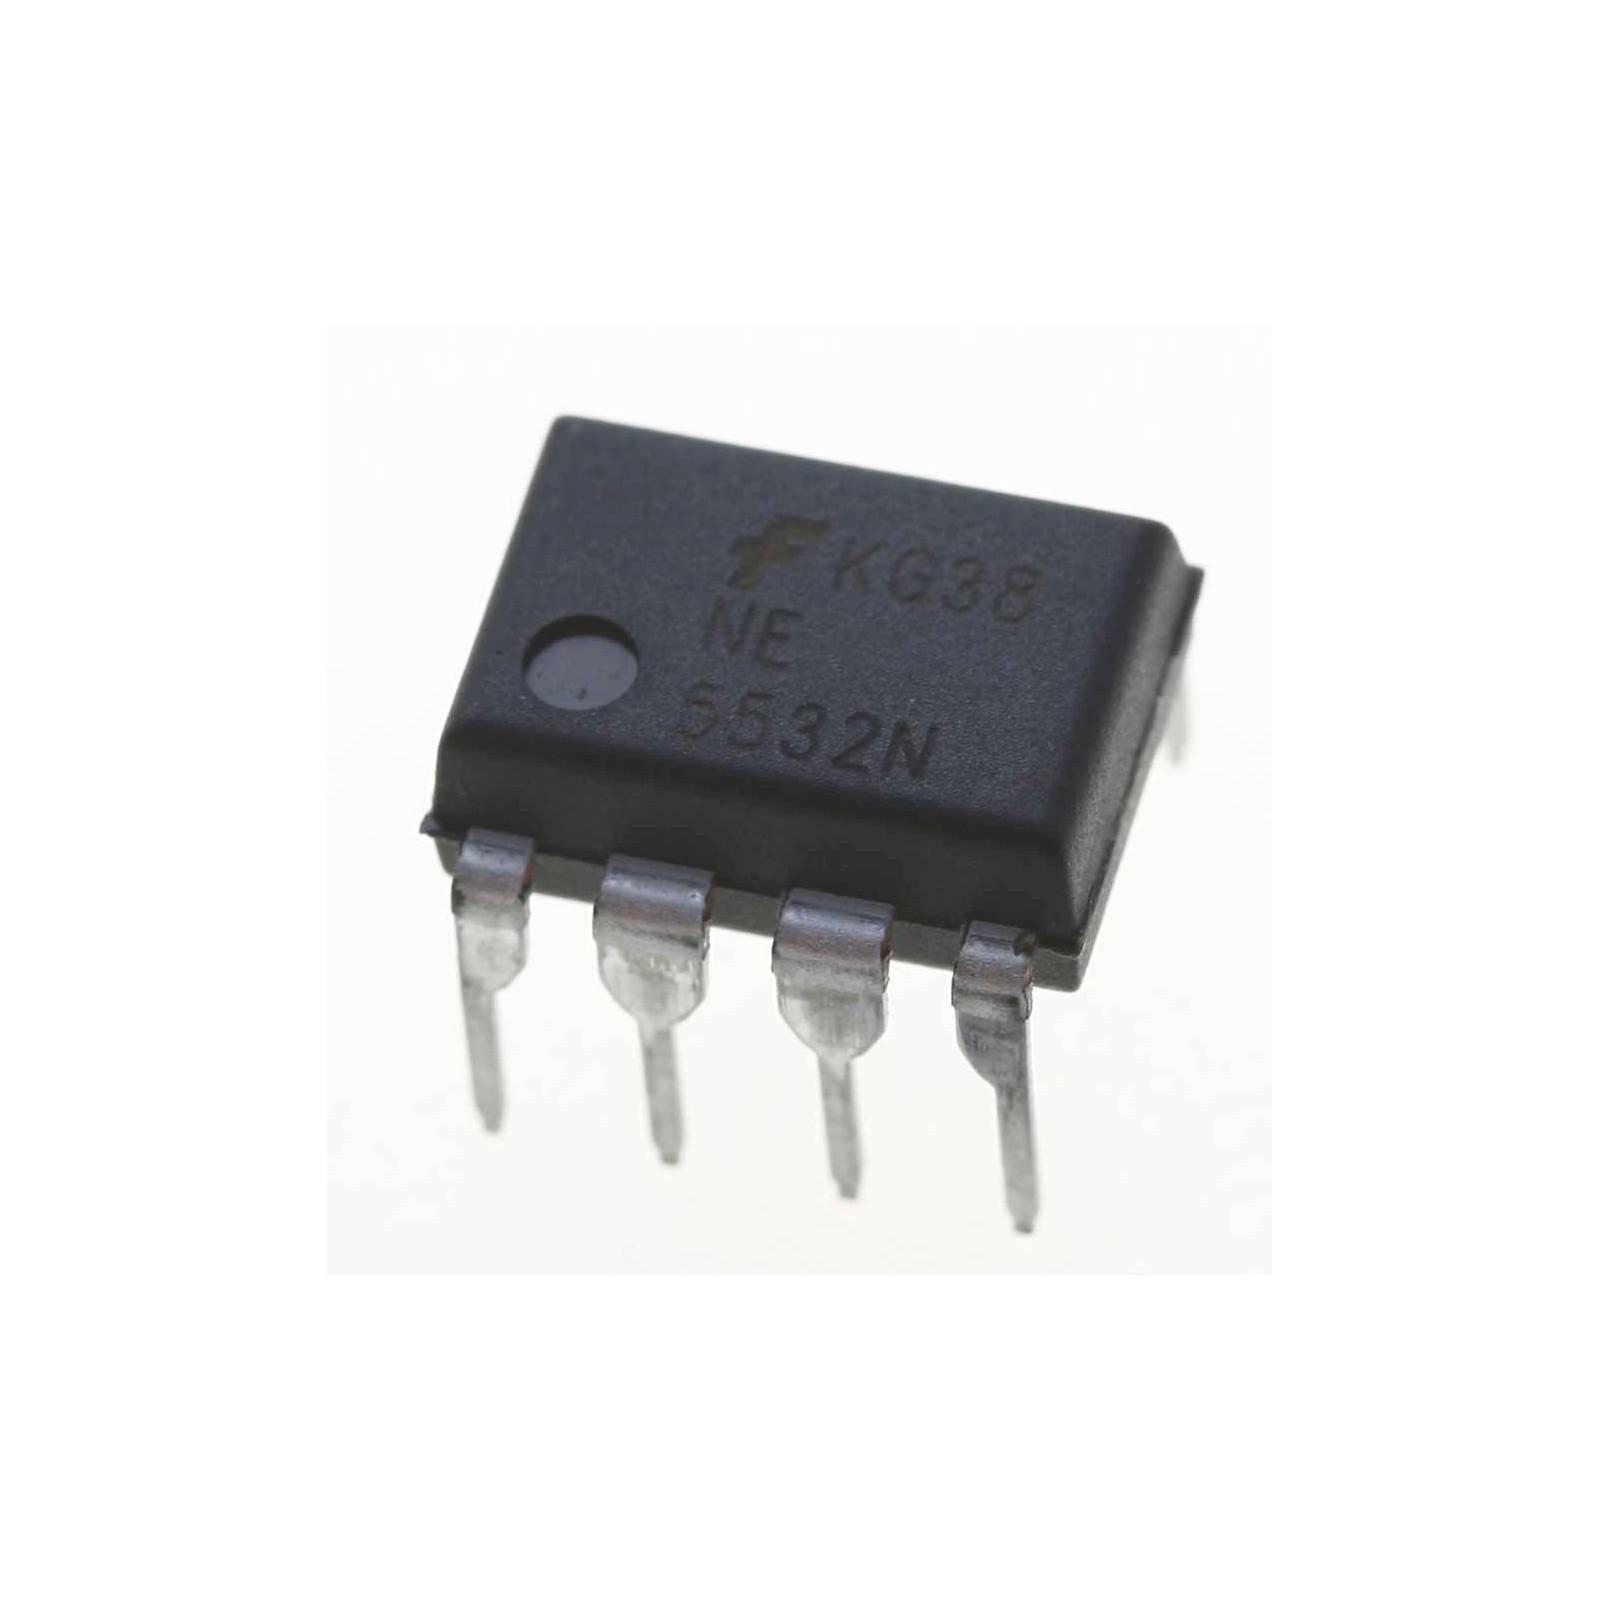 NE5532 Dual Audio Op Amp: Low-Noise High-Speed - Tinkersphere